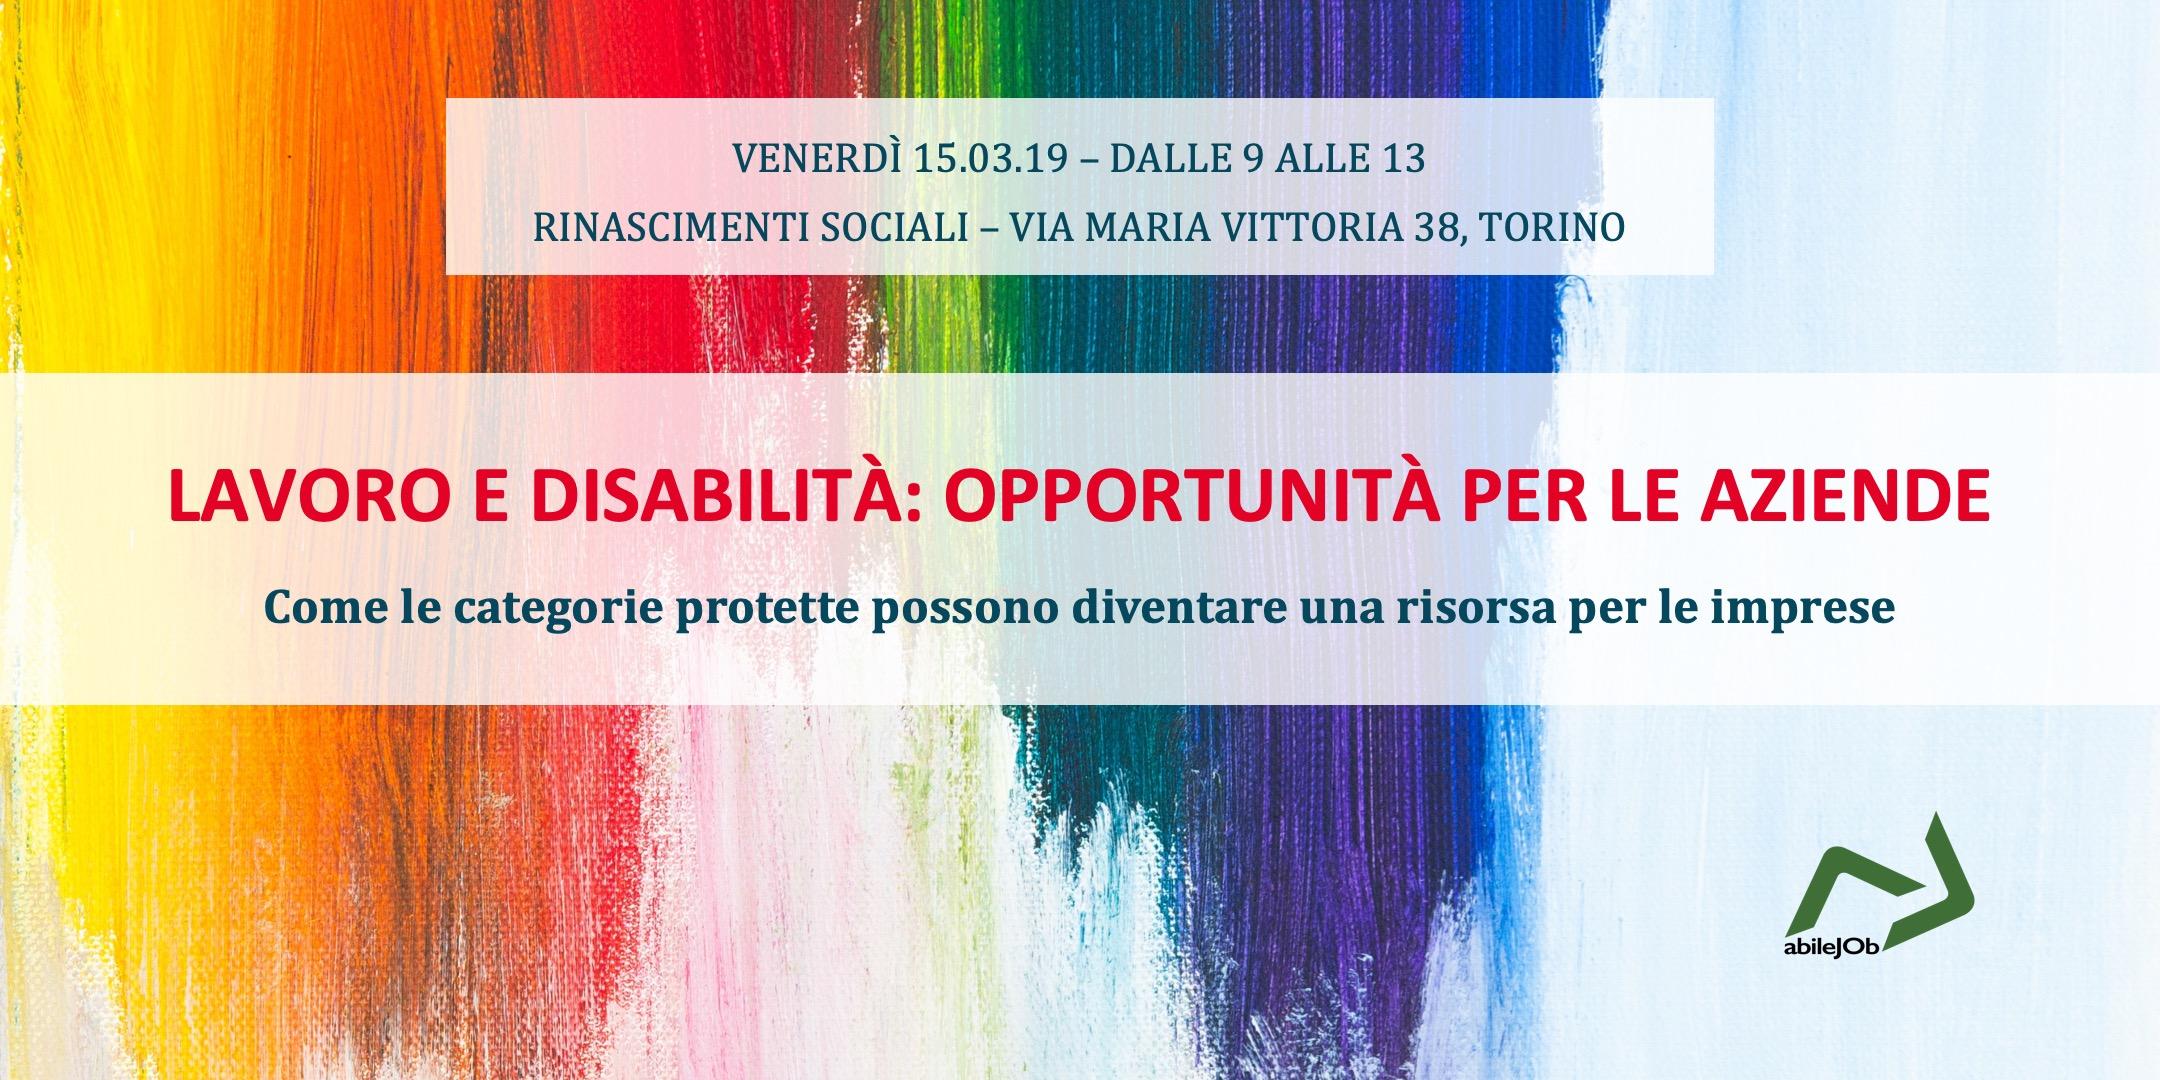 Convegno Lavoro e disabilità - Abile Job